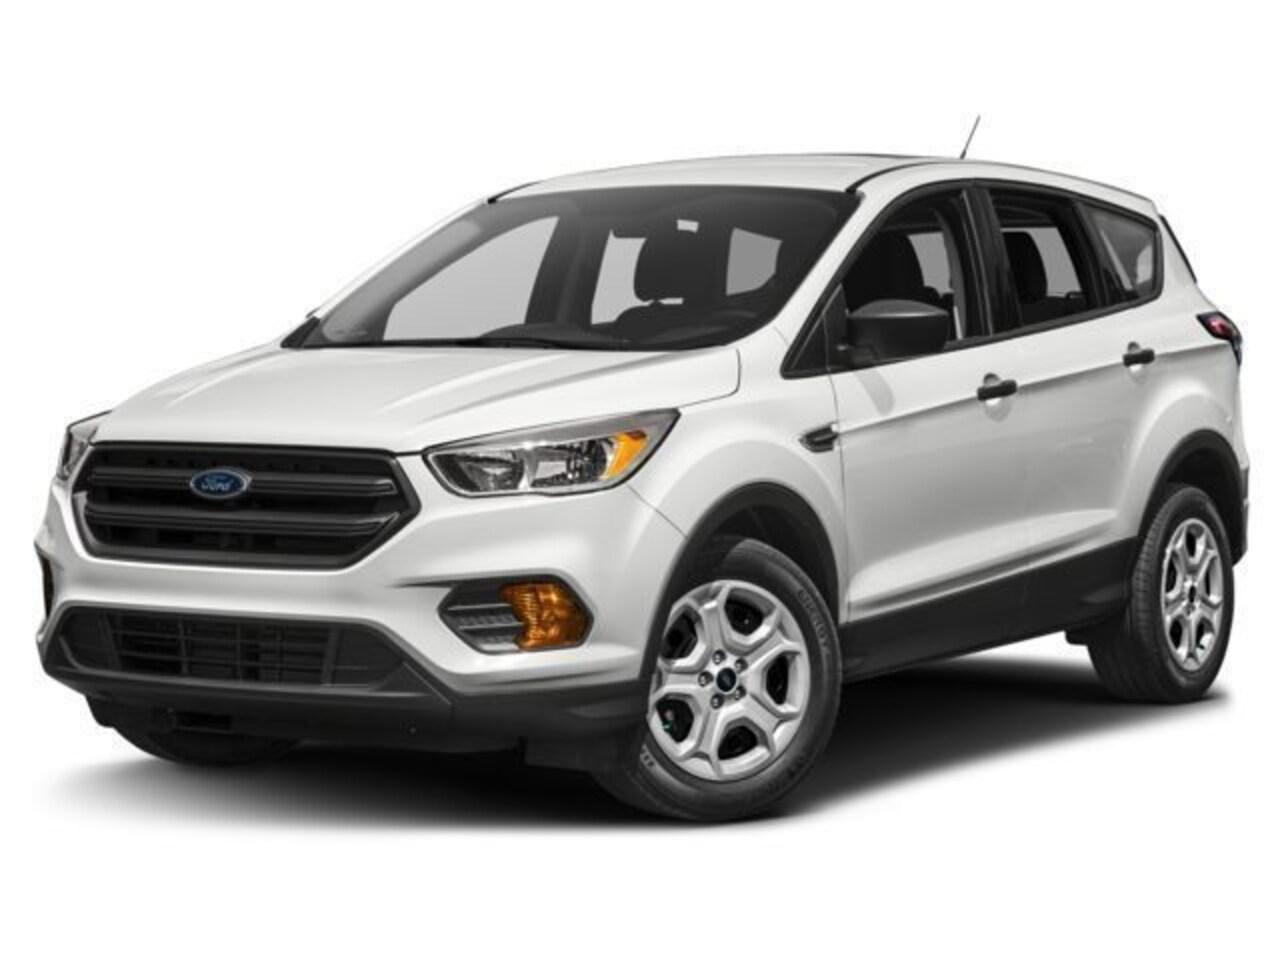 2018 Ford Escape SE 200A 4WD SUV